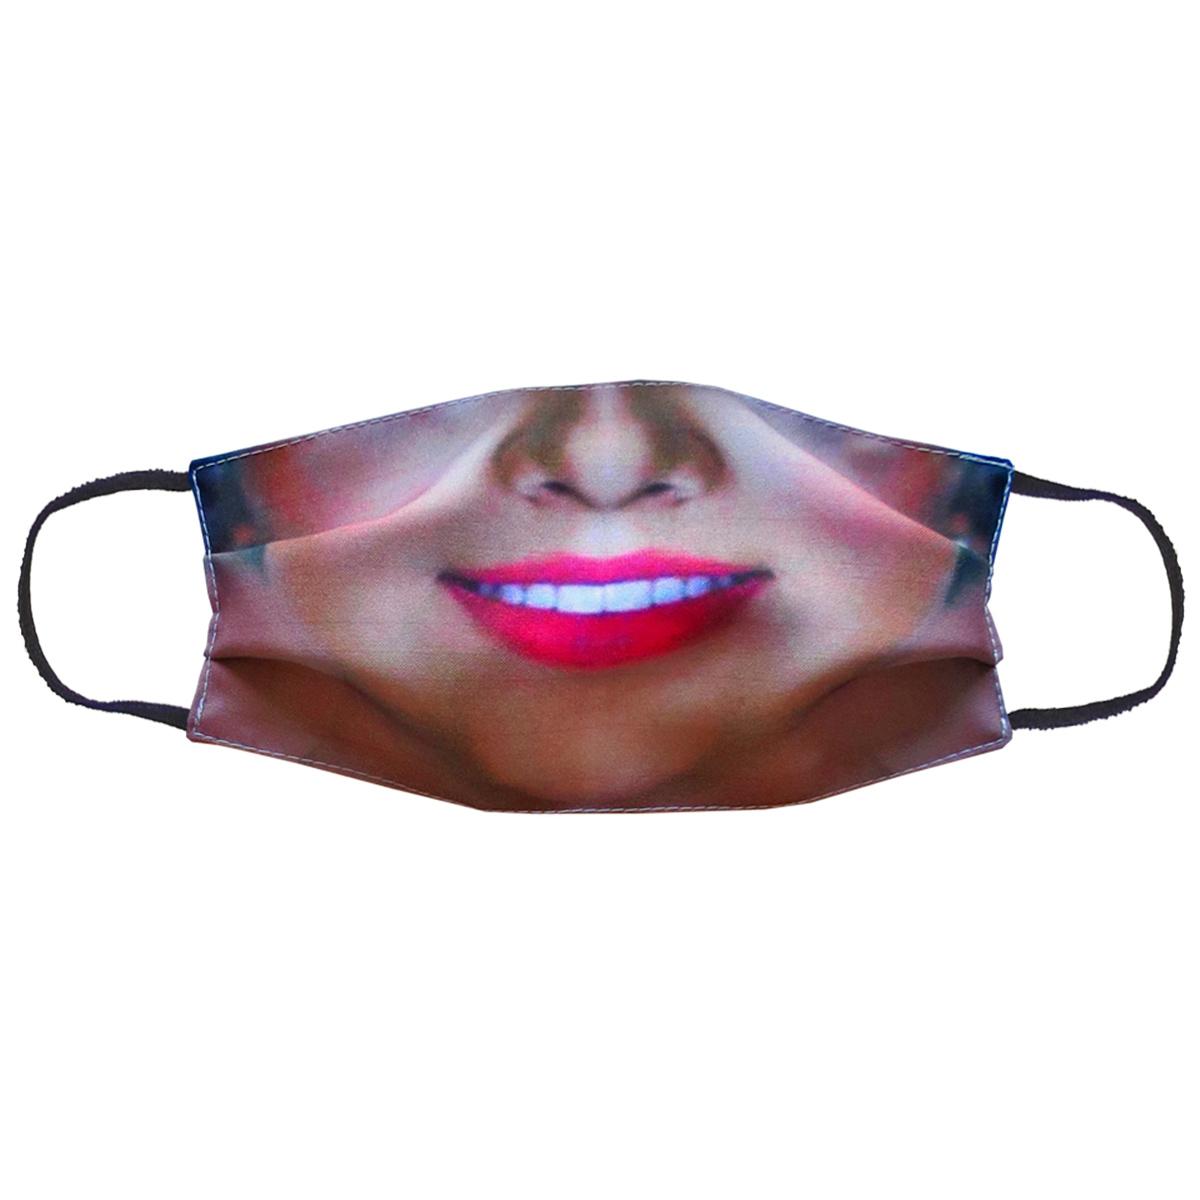 Повязка (маска) принтованная от пыли 'Губы улыбка'